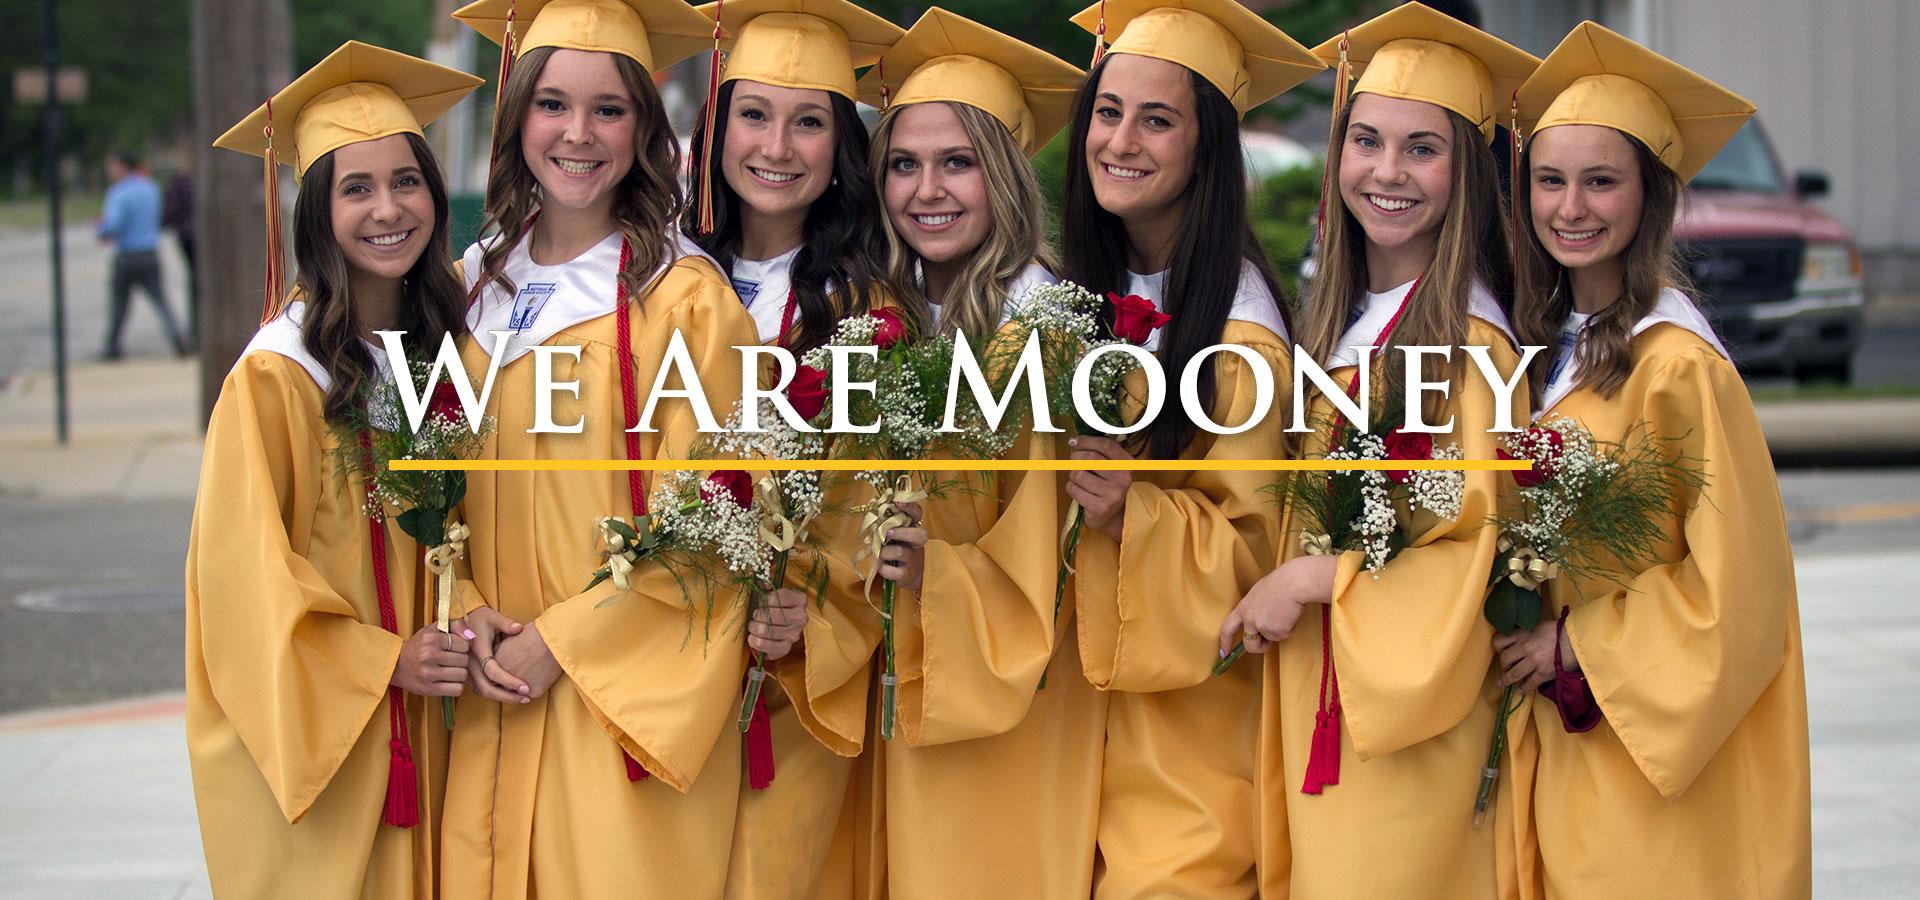 We Are Mooney